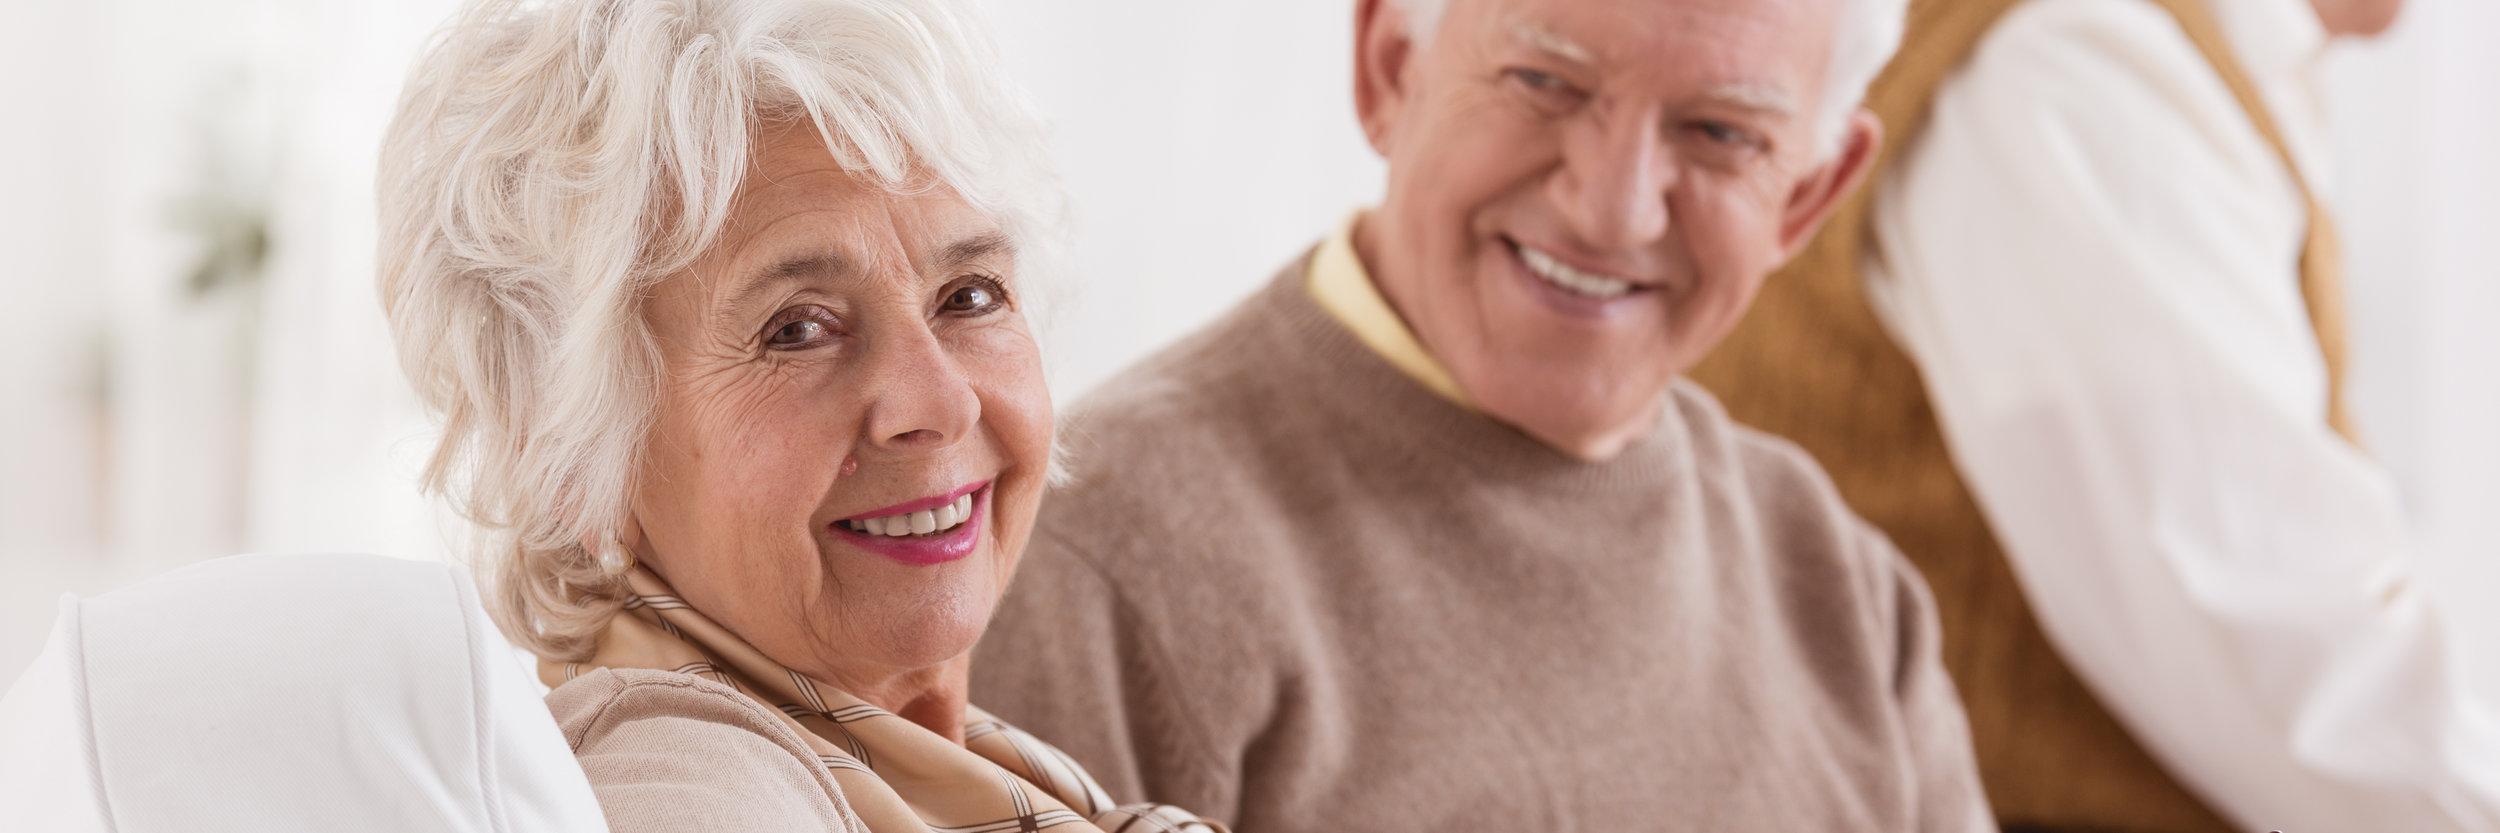 happy-senior-couple-PWH933M.jpg